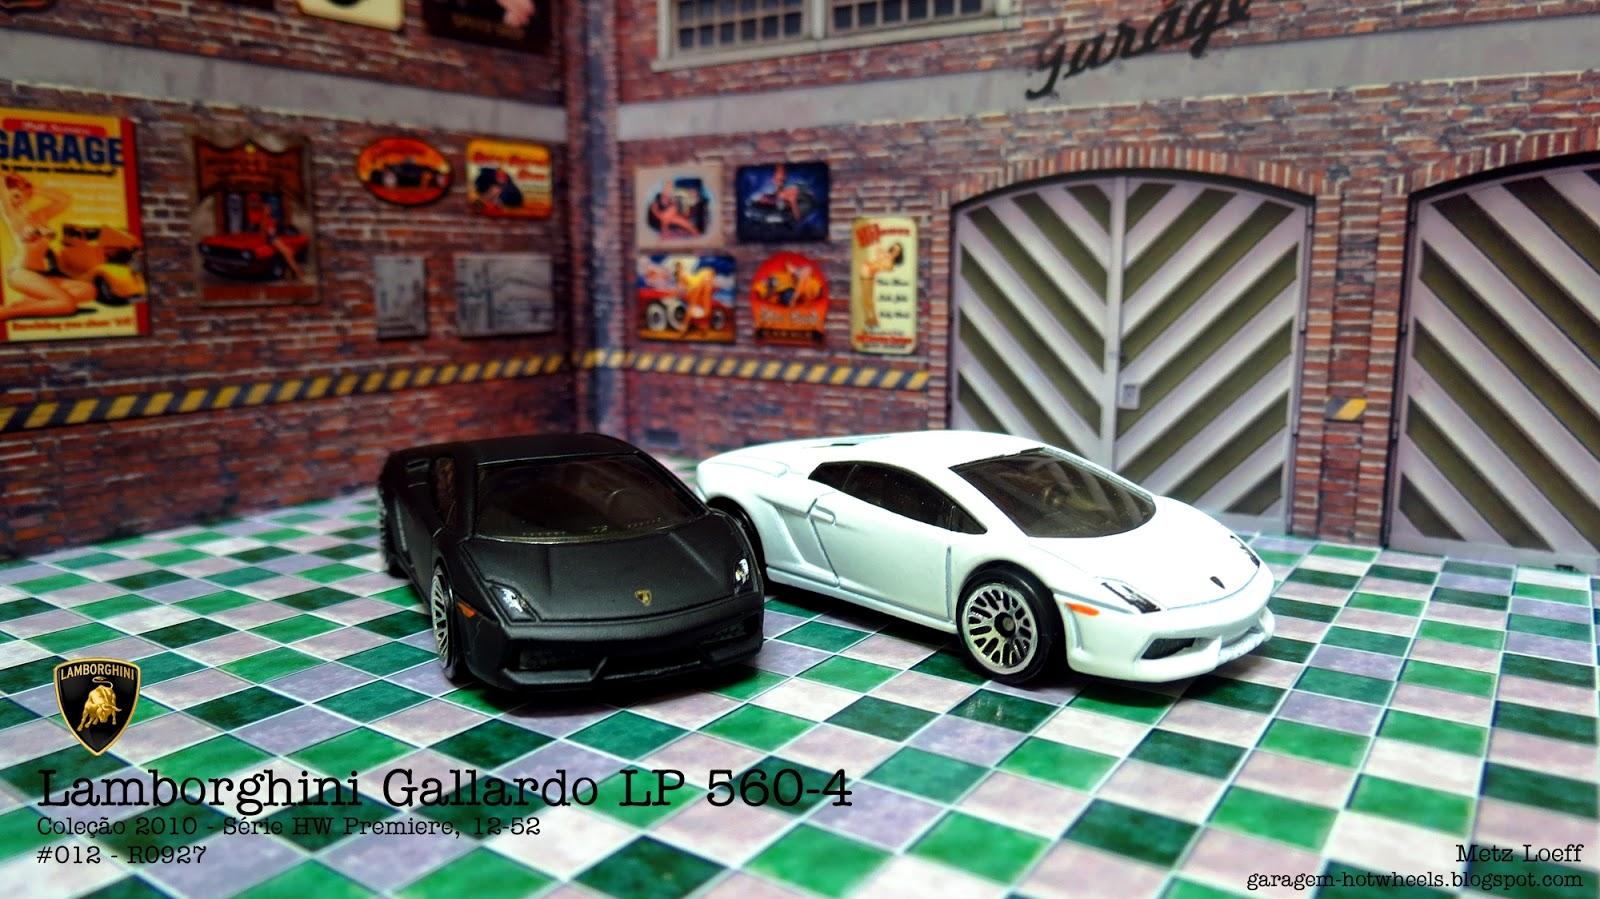 Garagem Hot Wheels Lamborghini Gallardo Lp 560 4